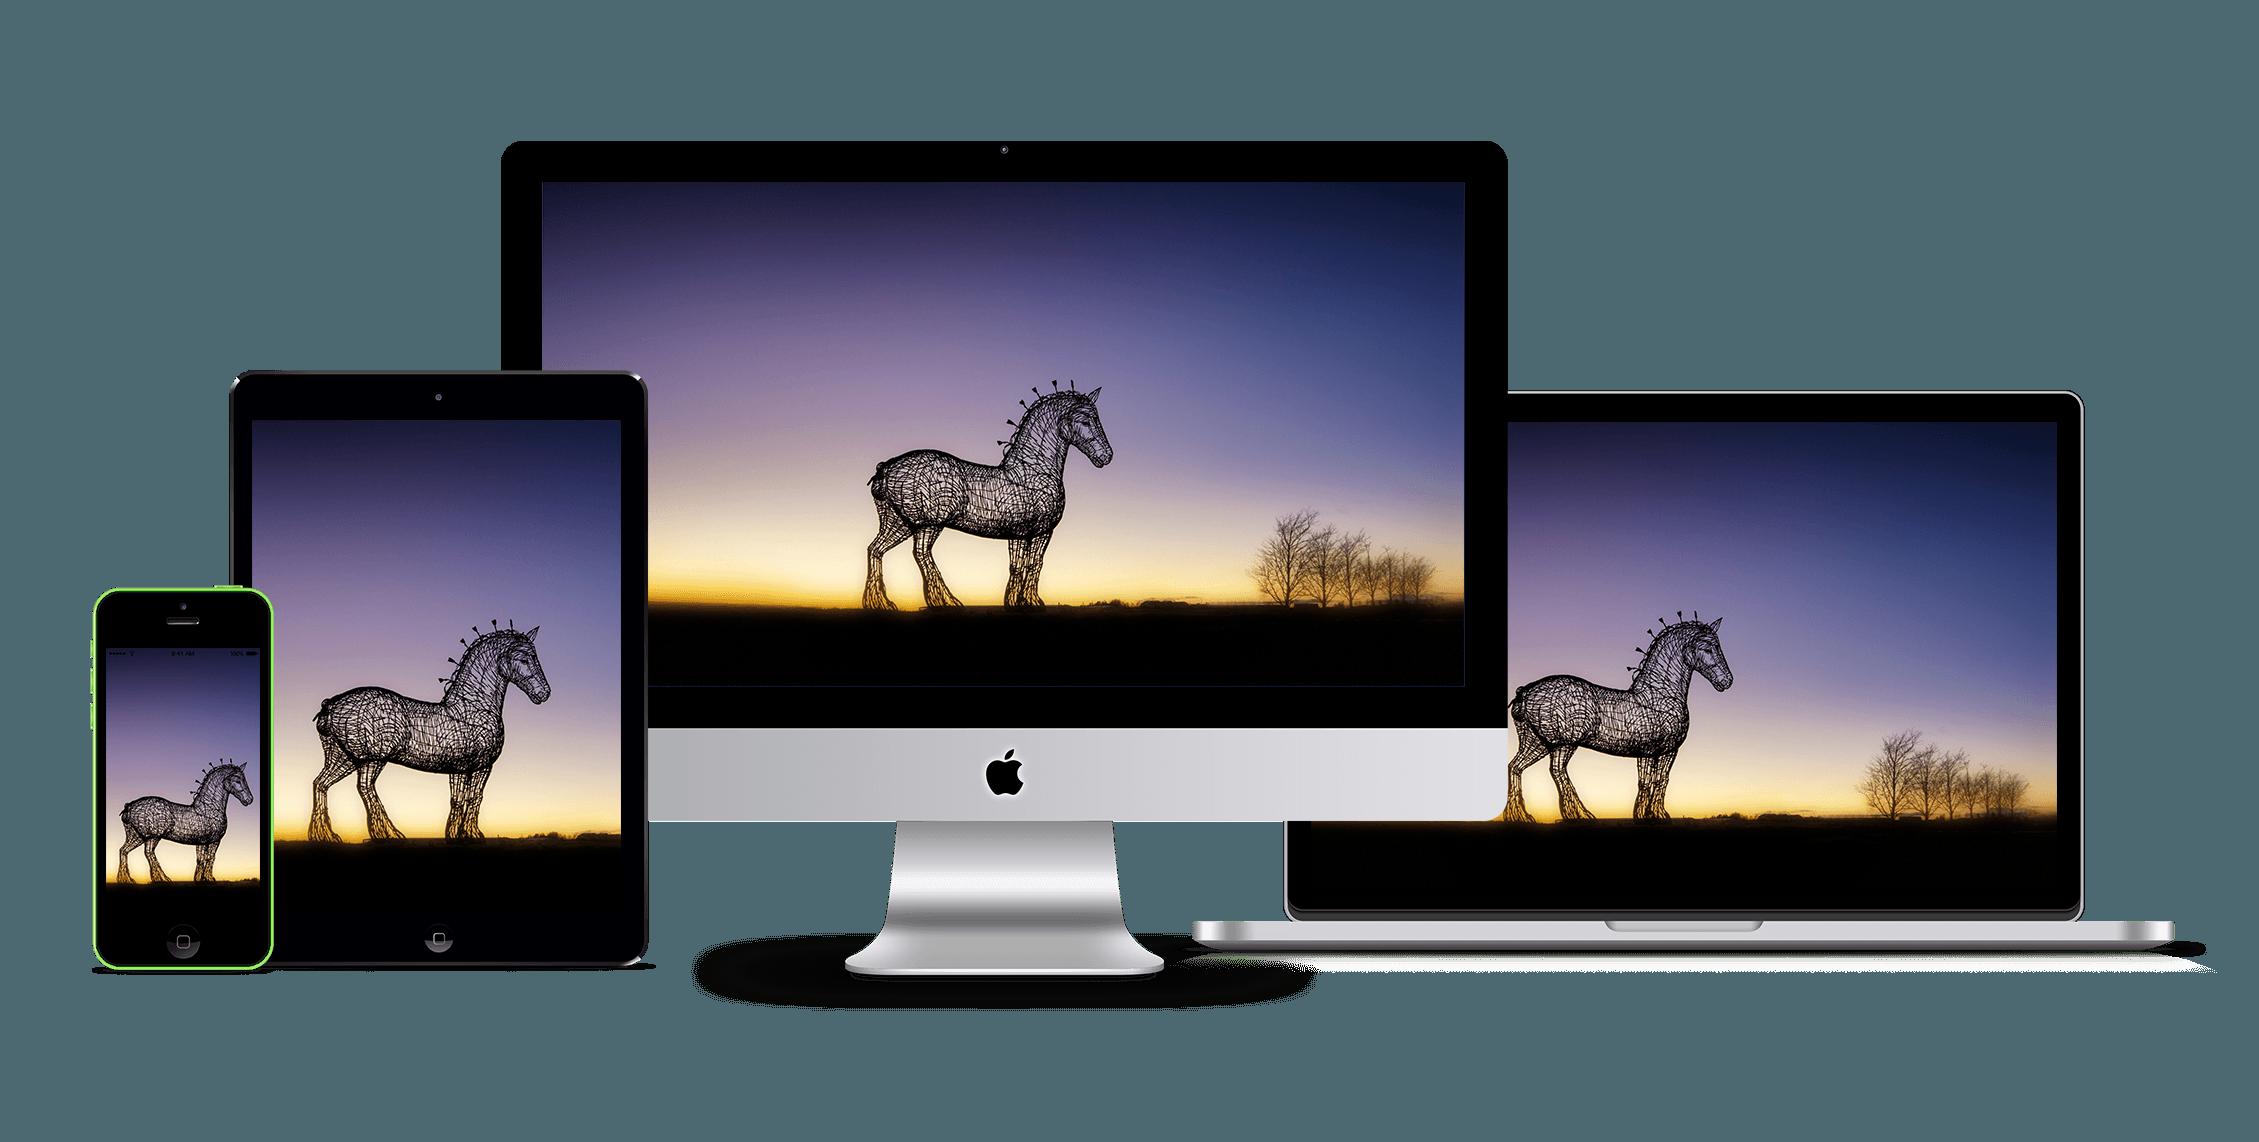 responsive website image